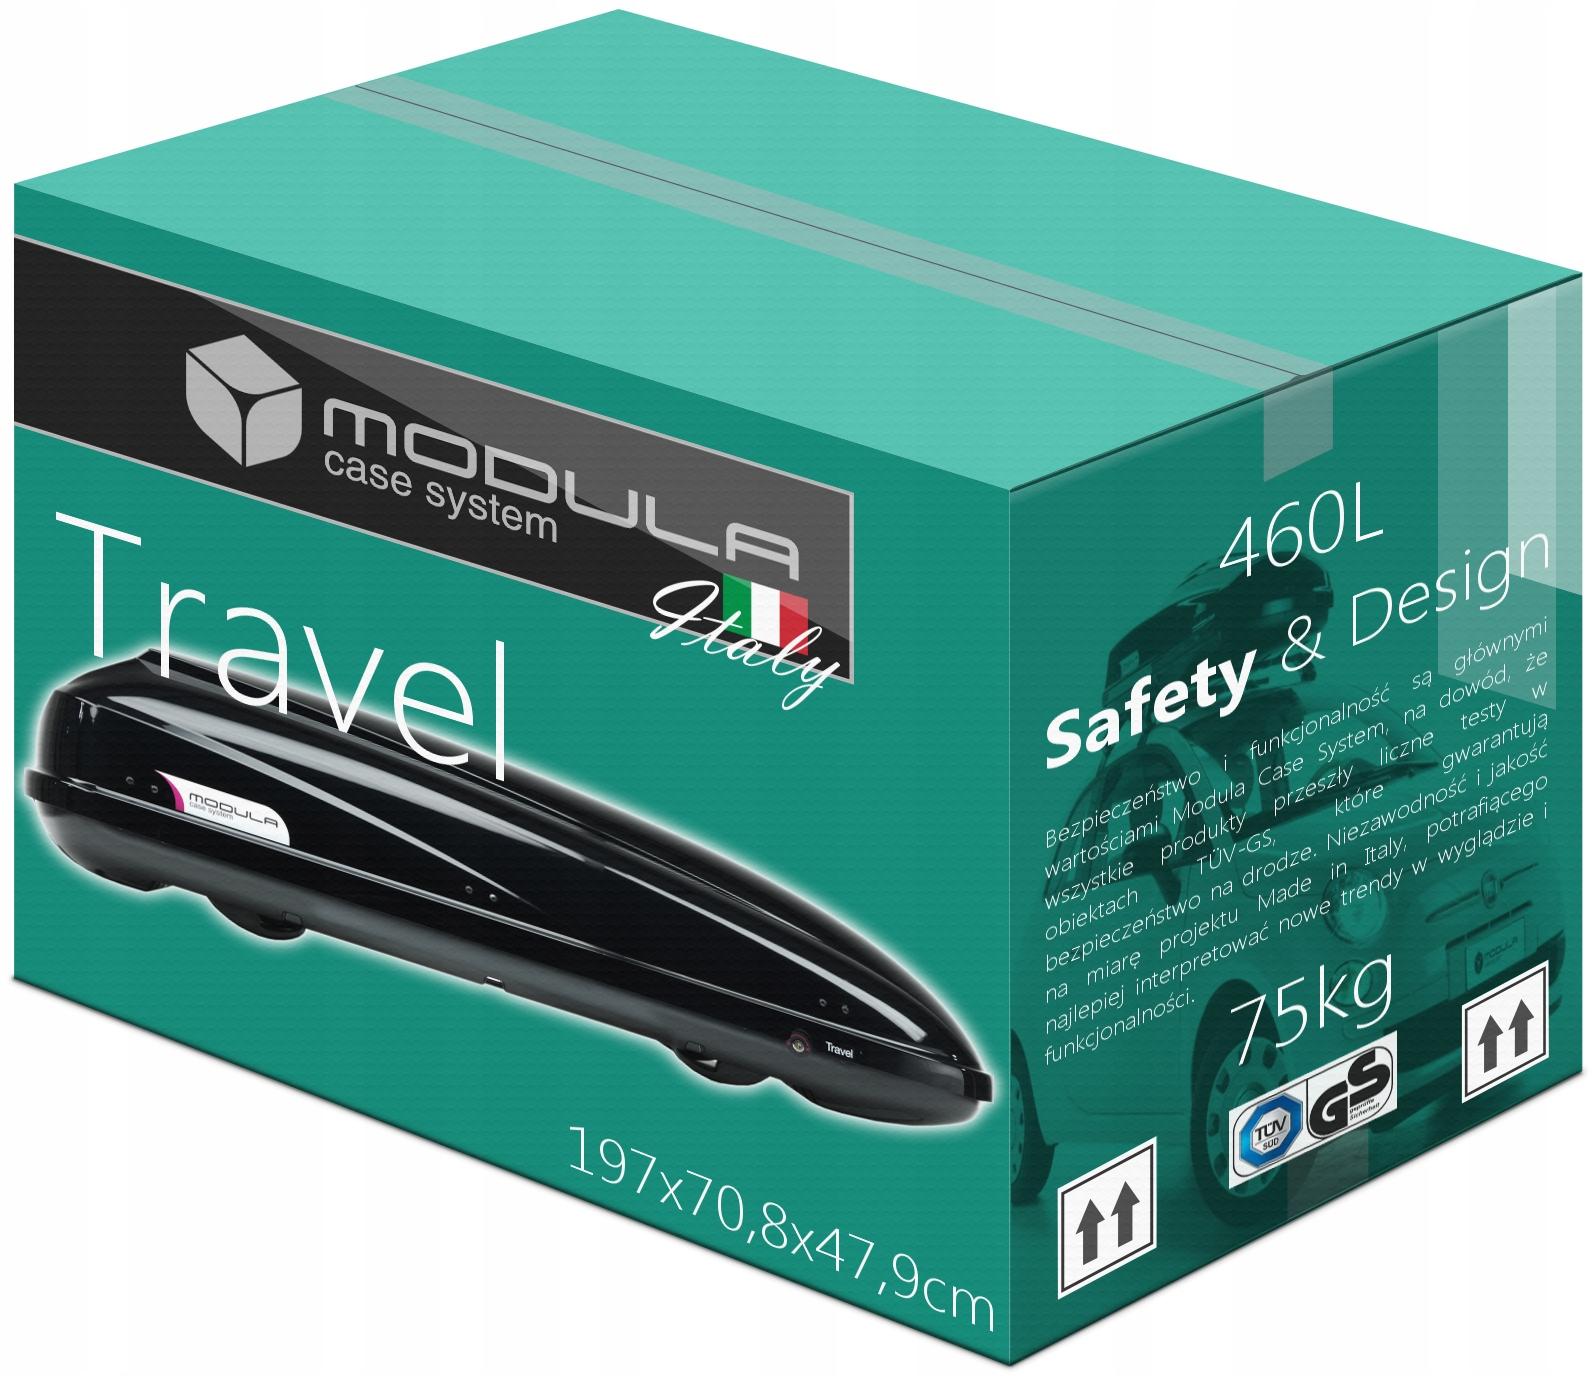 Багажник, крыша BOX MODULA Travel 460L 197x70x48